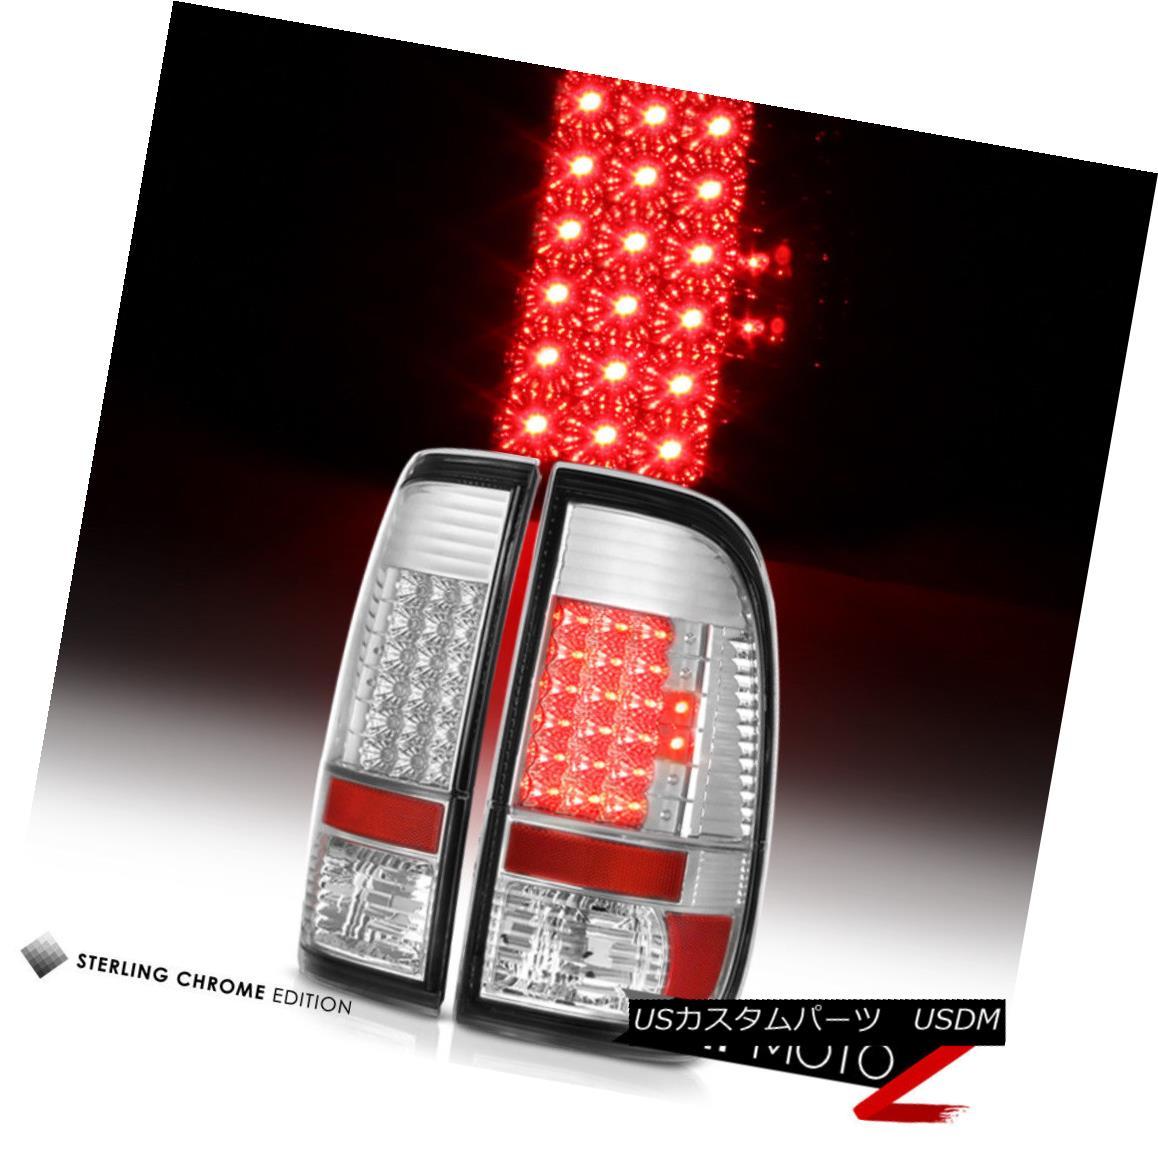 テールライト Left+Right Crystal F350 Clear 2008-2016 テールライト Ford F250 F350 Lights Super Duty L.E.D Tail Lights 左+右クリスタルクリア2008-2016フォードF250 F350スーパーDuty L.E.Dテールライト, ストリートダンスショップYSBEE:1b11b6d4 --- officewill.xsrv.jp